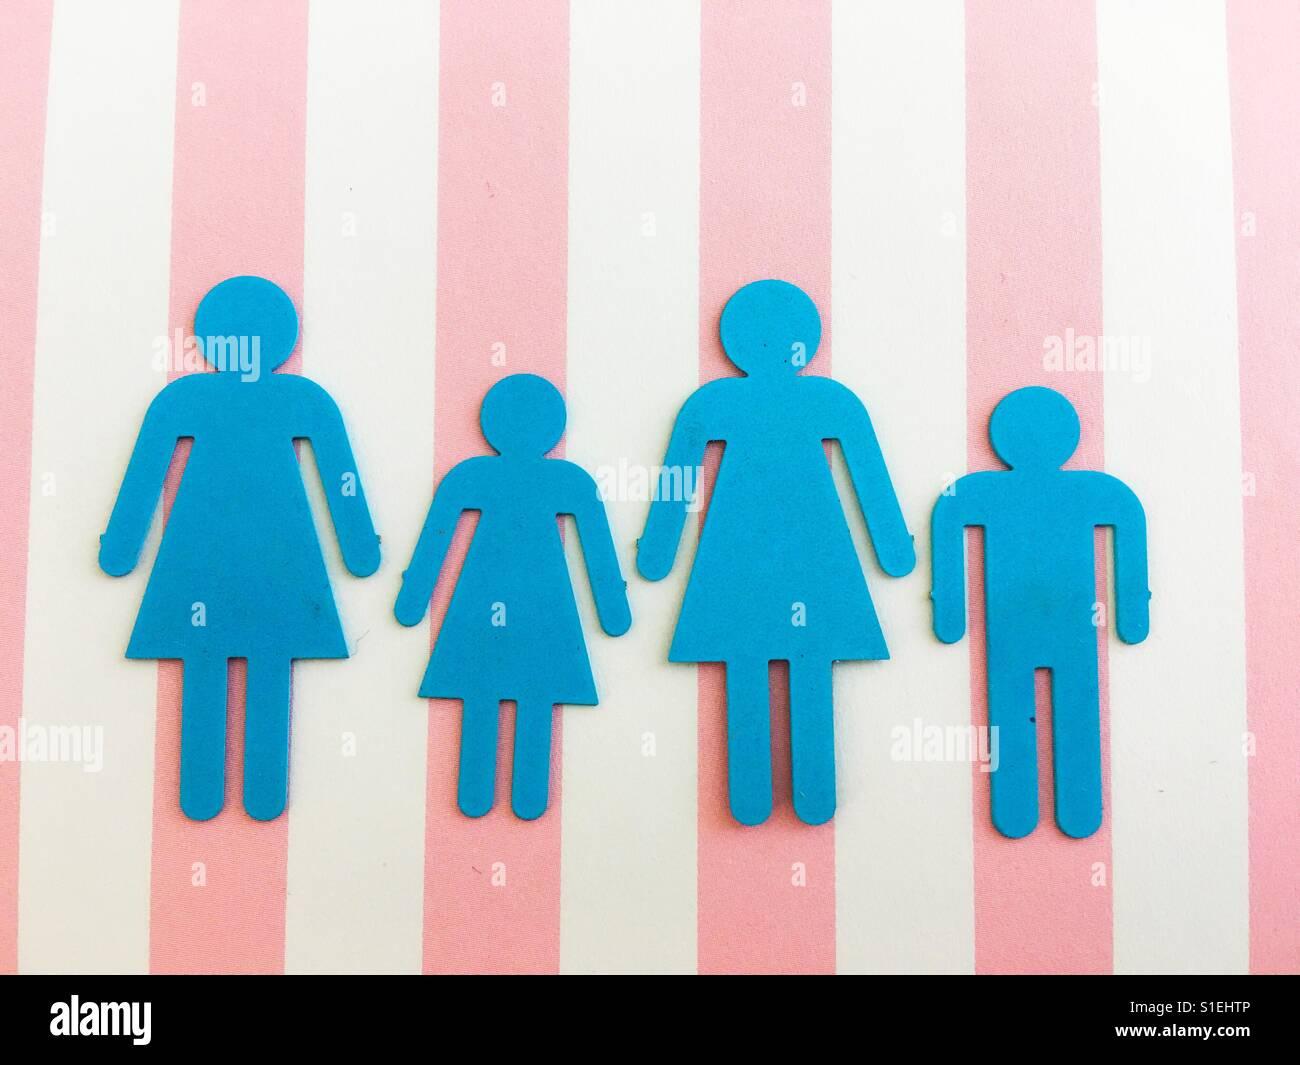 Eine Aufstellung von drei weiblichen Geschlechts Silhouetten und ein Männchen. Stockbild